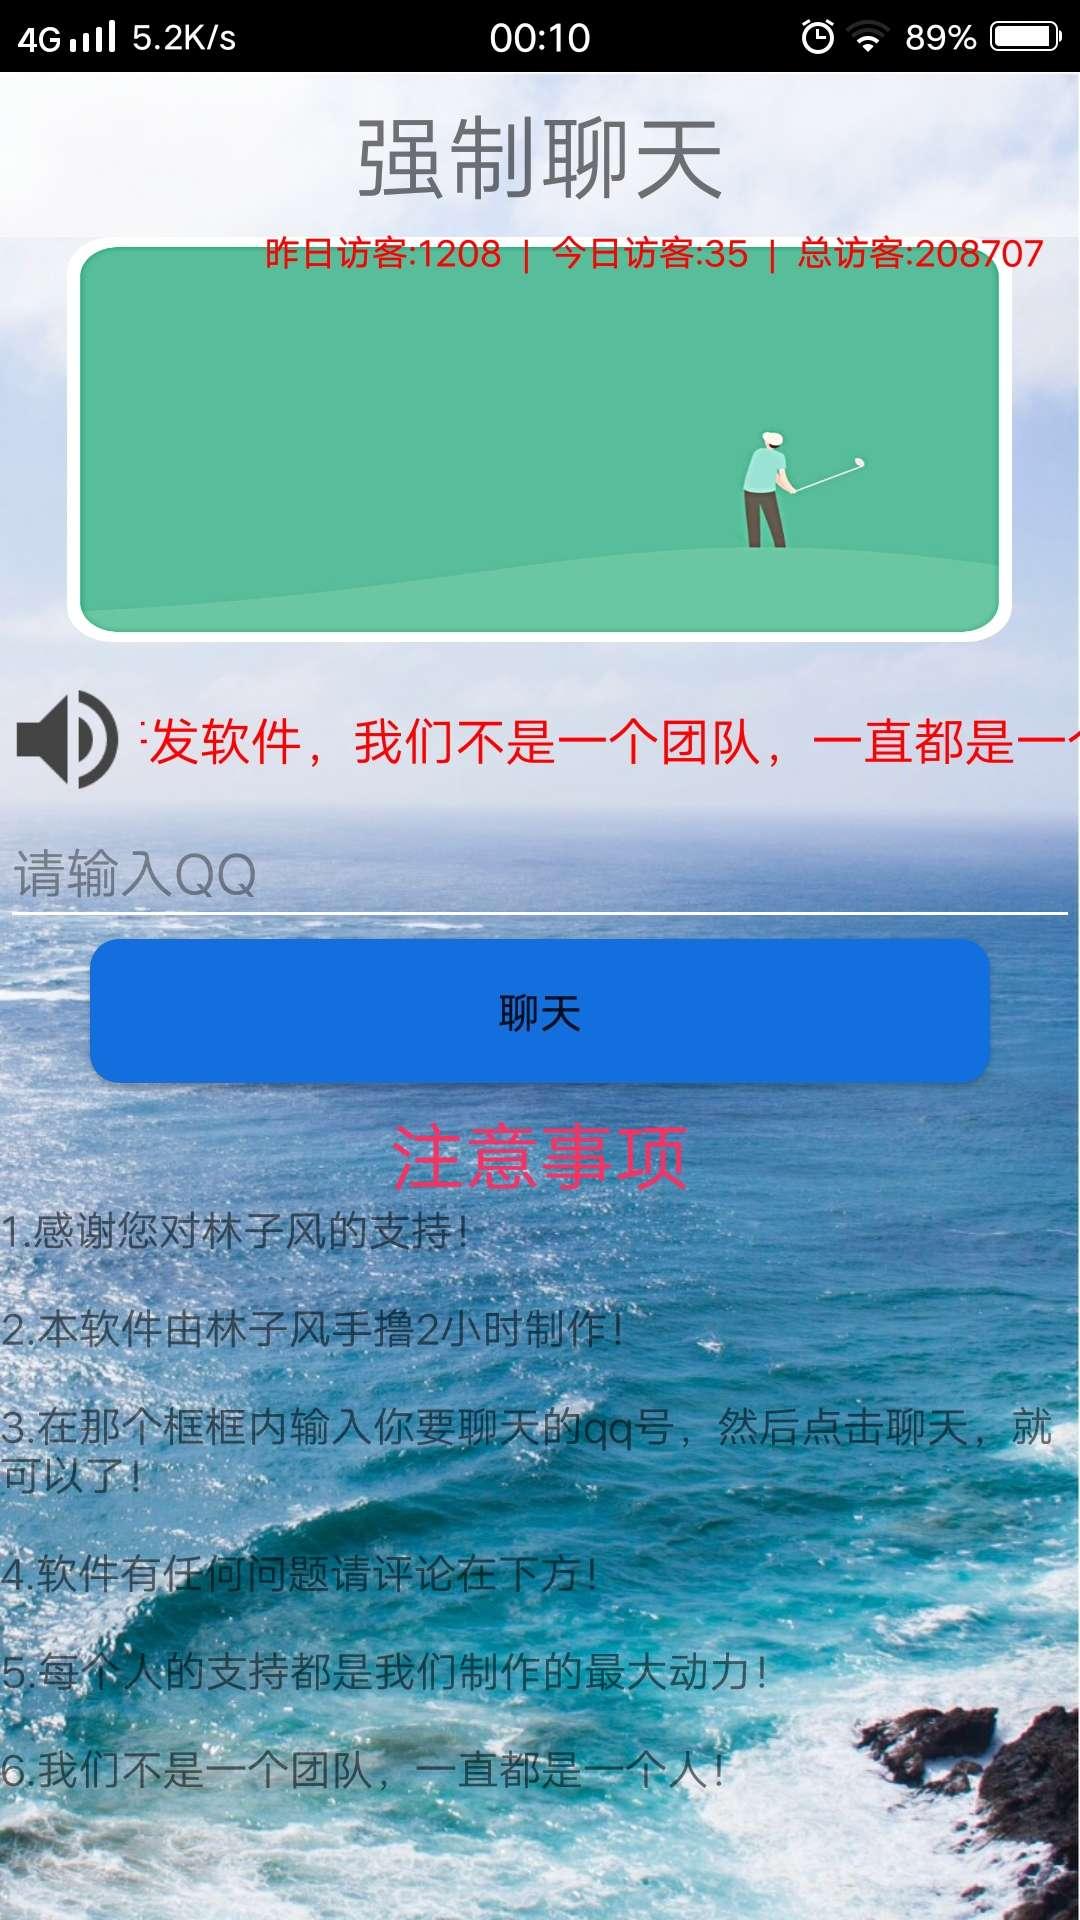 【原创分享】QQ强制聊天-最新版不试试吗!